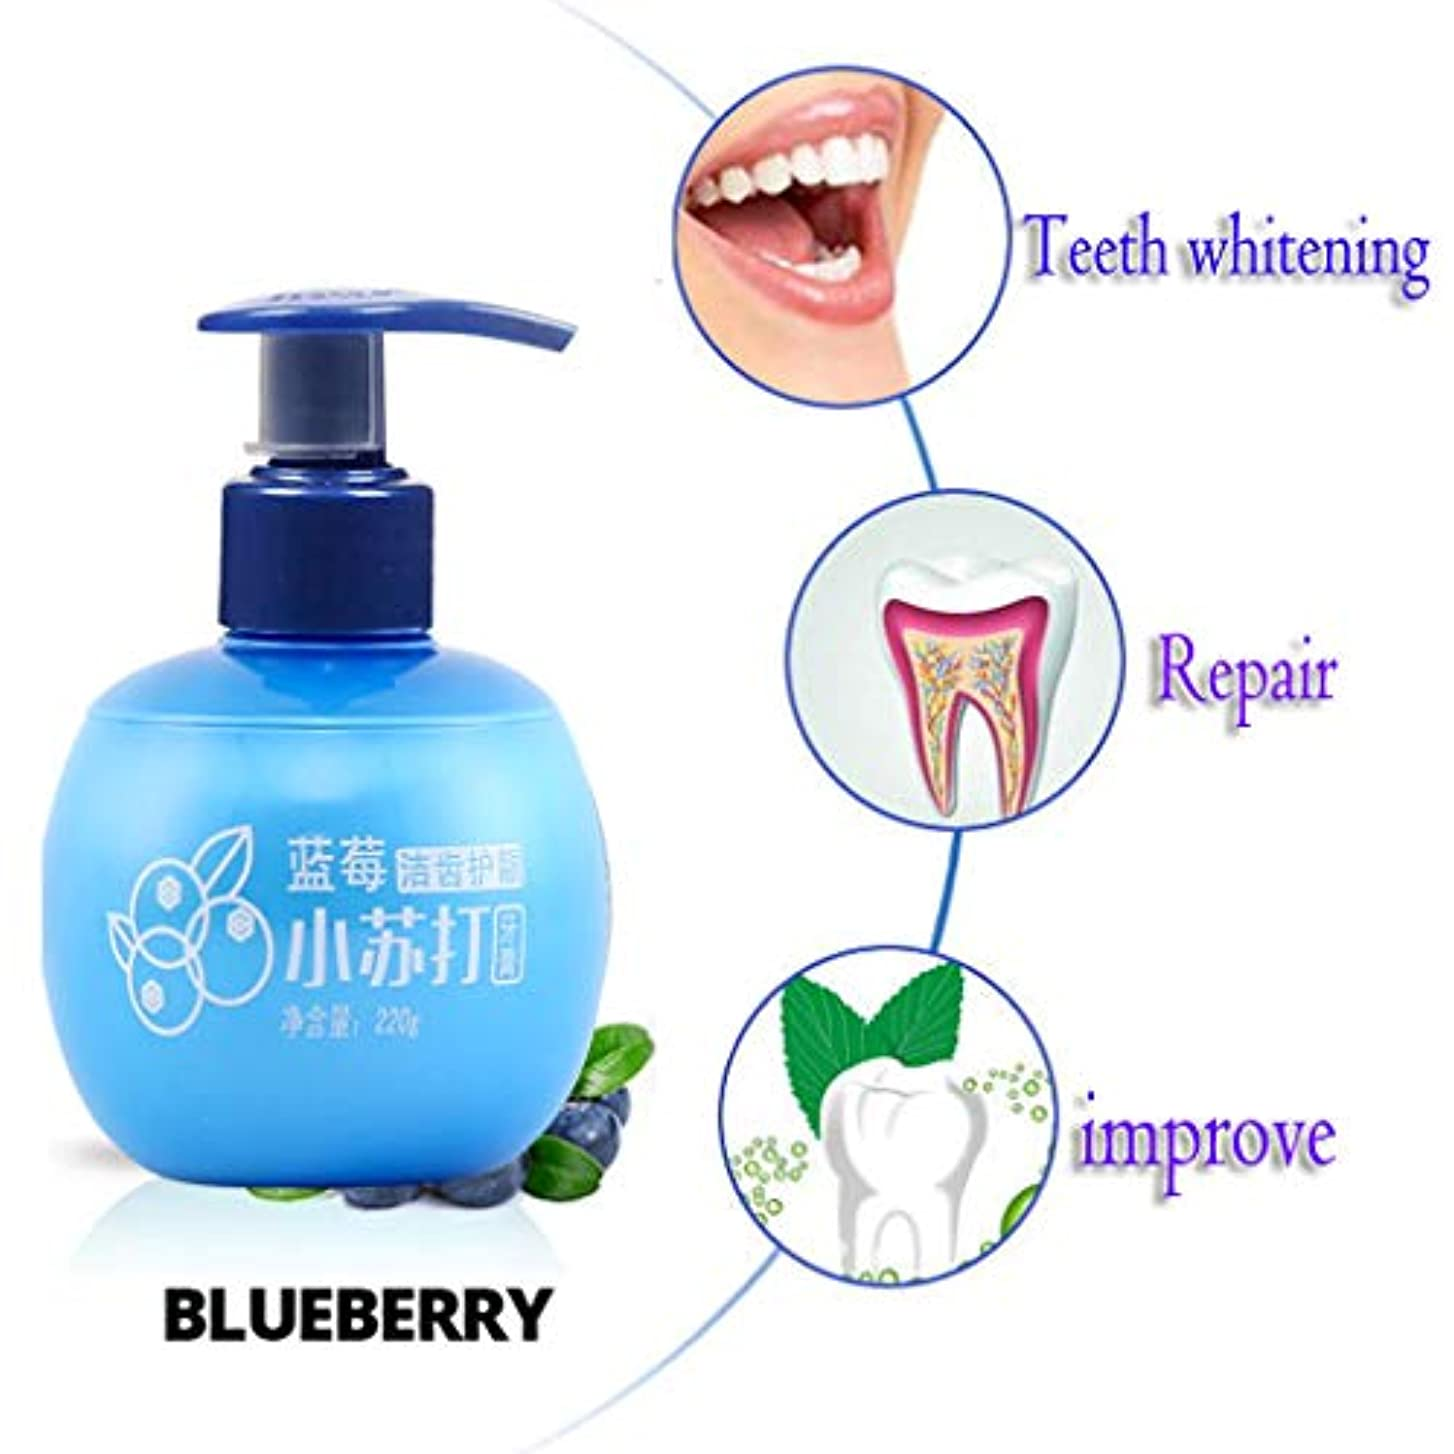 電話をかける世紀イライラする歯磨き粉を白くする強い除染 歯茎出血性歯磨き粉に対して[味 パッションフルーツ ブルーベリー ]新鮮な息 虫歯を防ぐ 歯と歯茎を強化する プッシュポンプヘッド (ブルー)